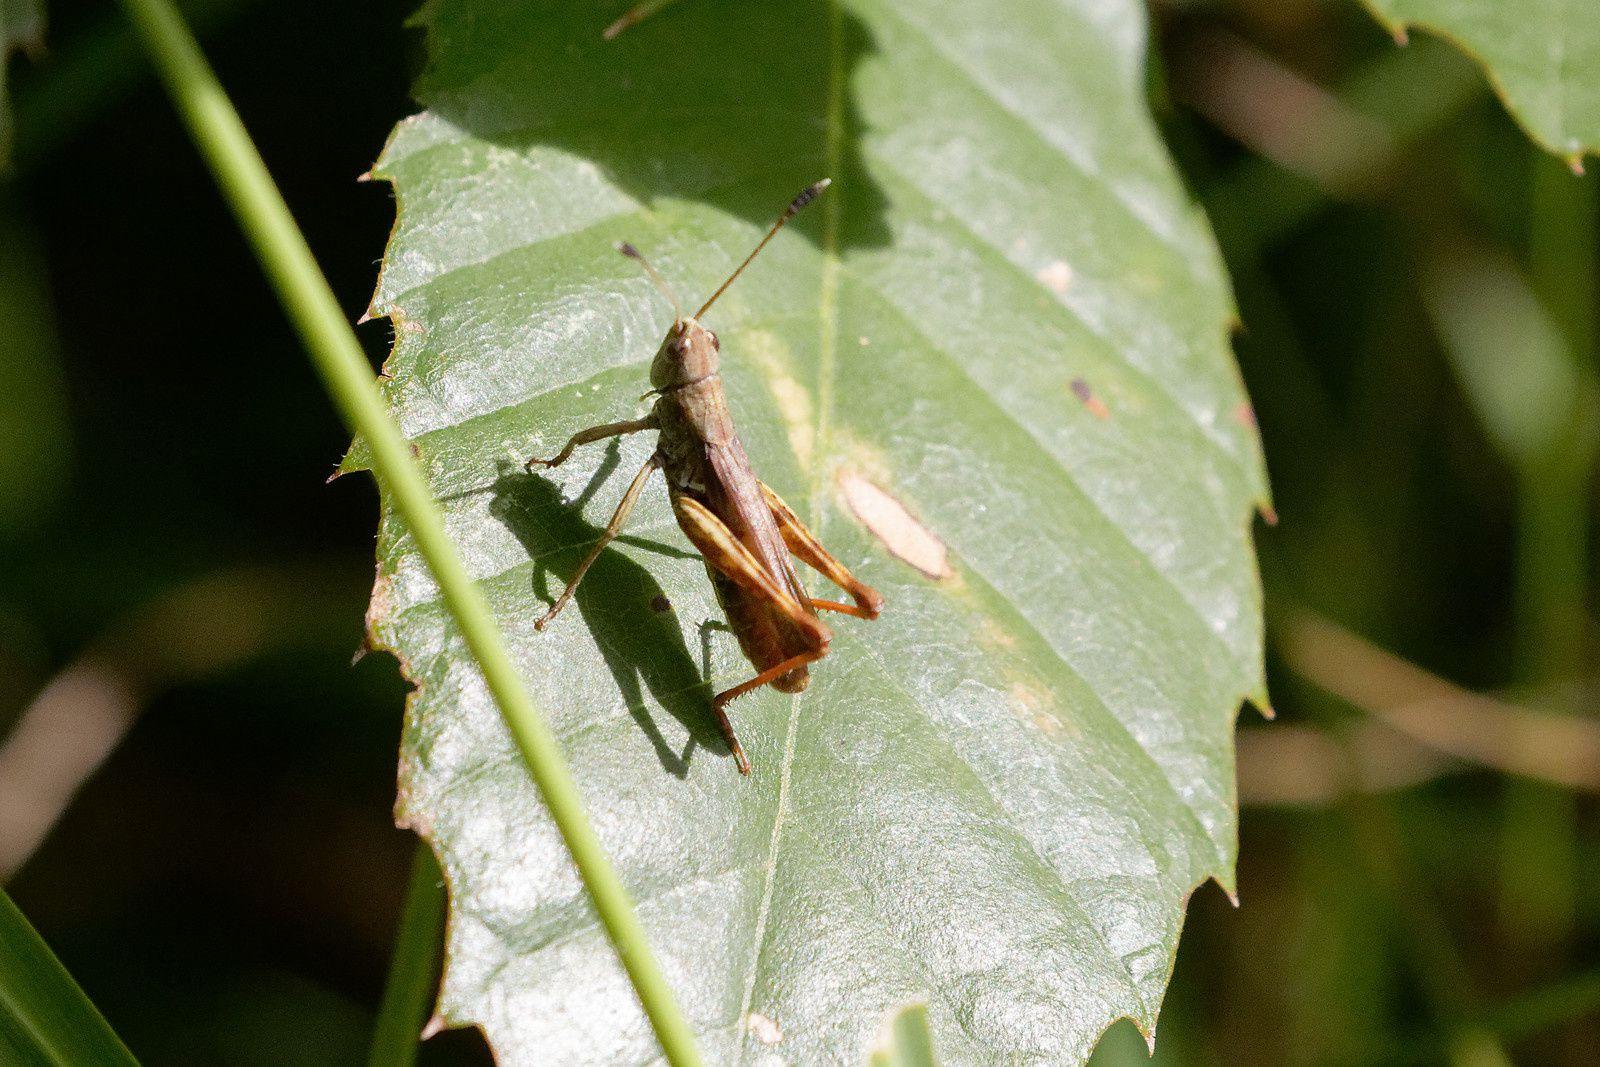 Criquet bien haut sur ses pattes avec massue au bout de ses antennes. Intéressant !